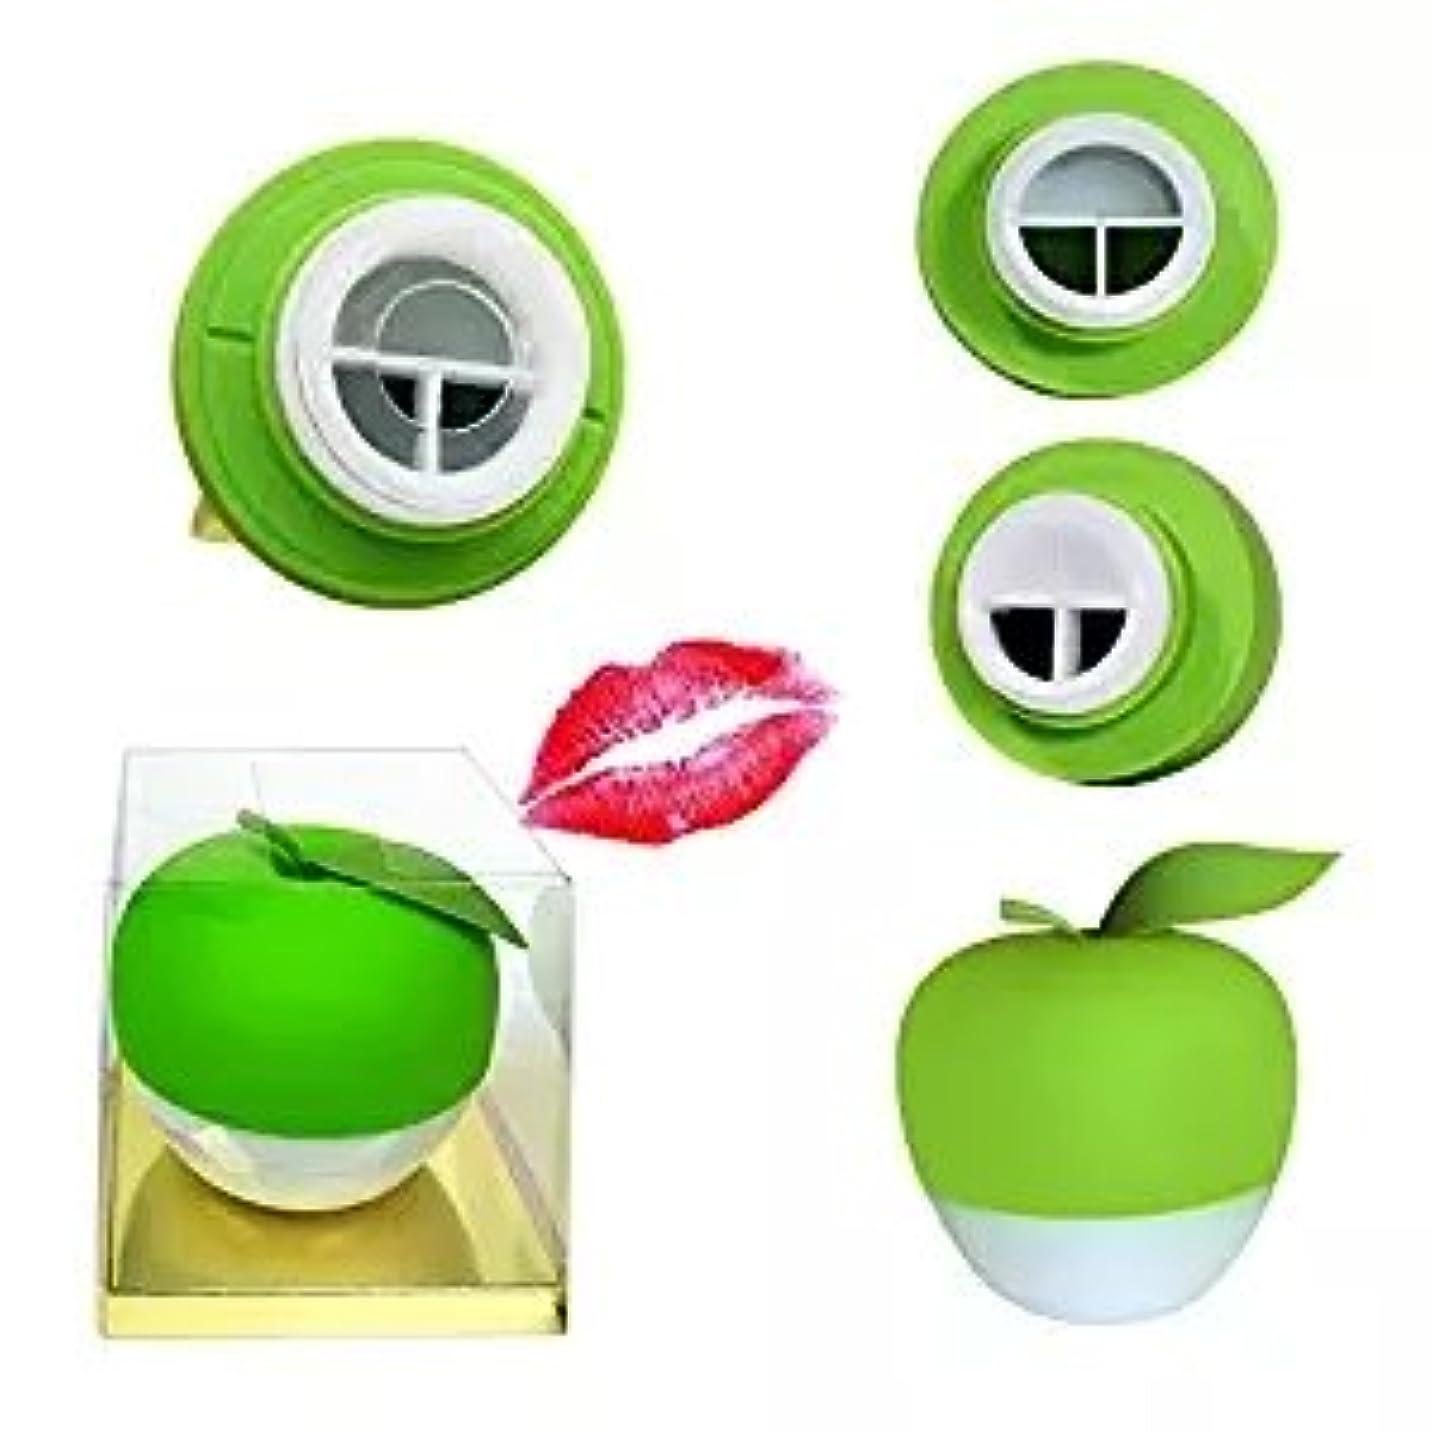 とセンター確保するYartar リップエンハンサー セクシーリップス  シリコン製 コンパクト ピンク Lip Plumper (グリーン)